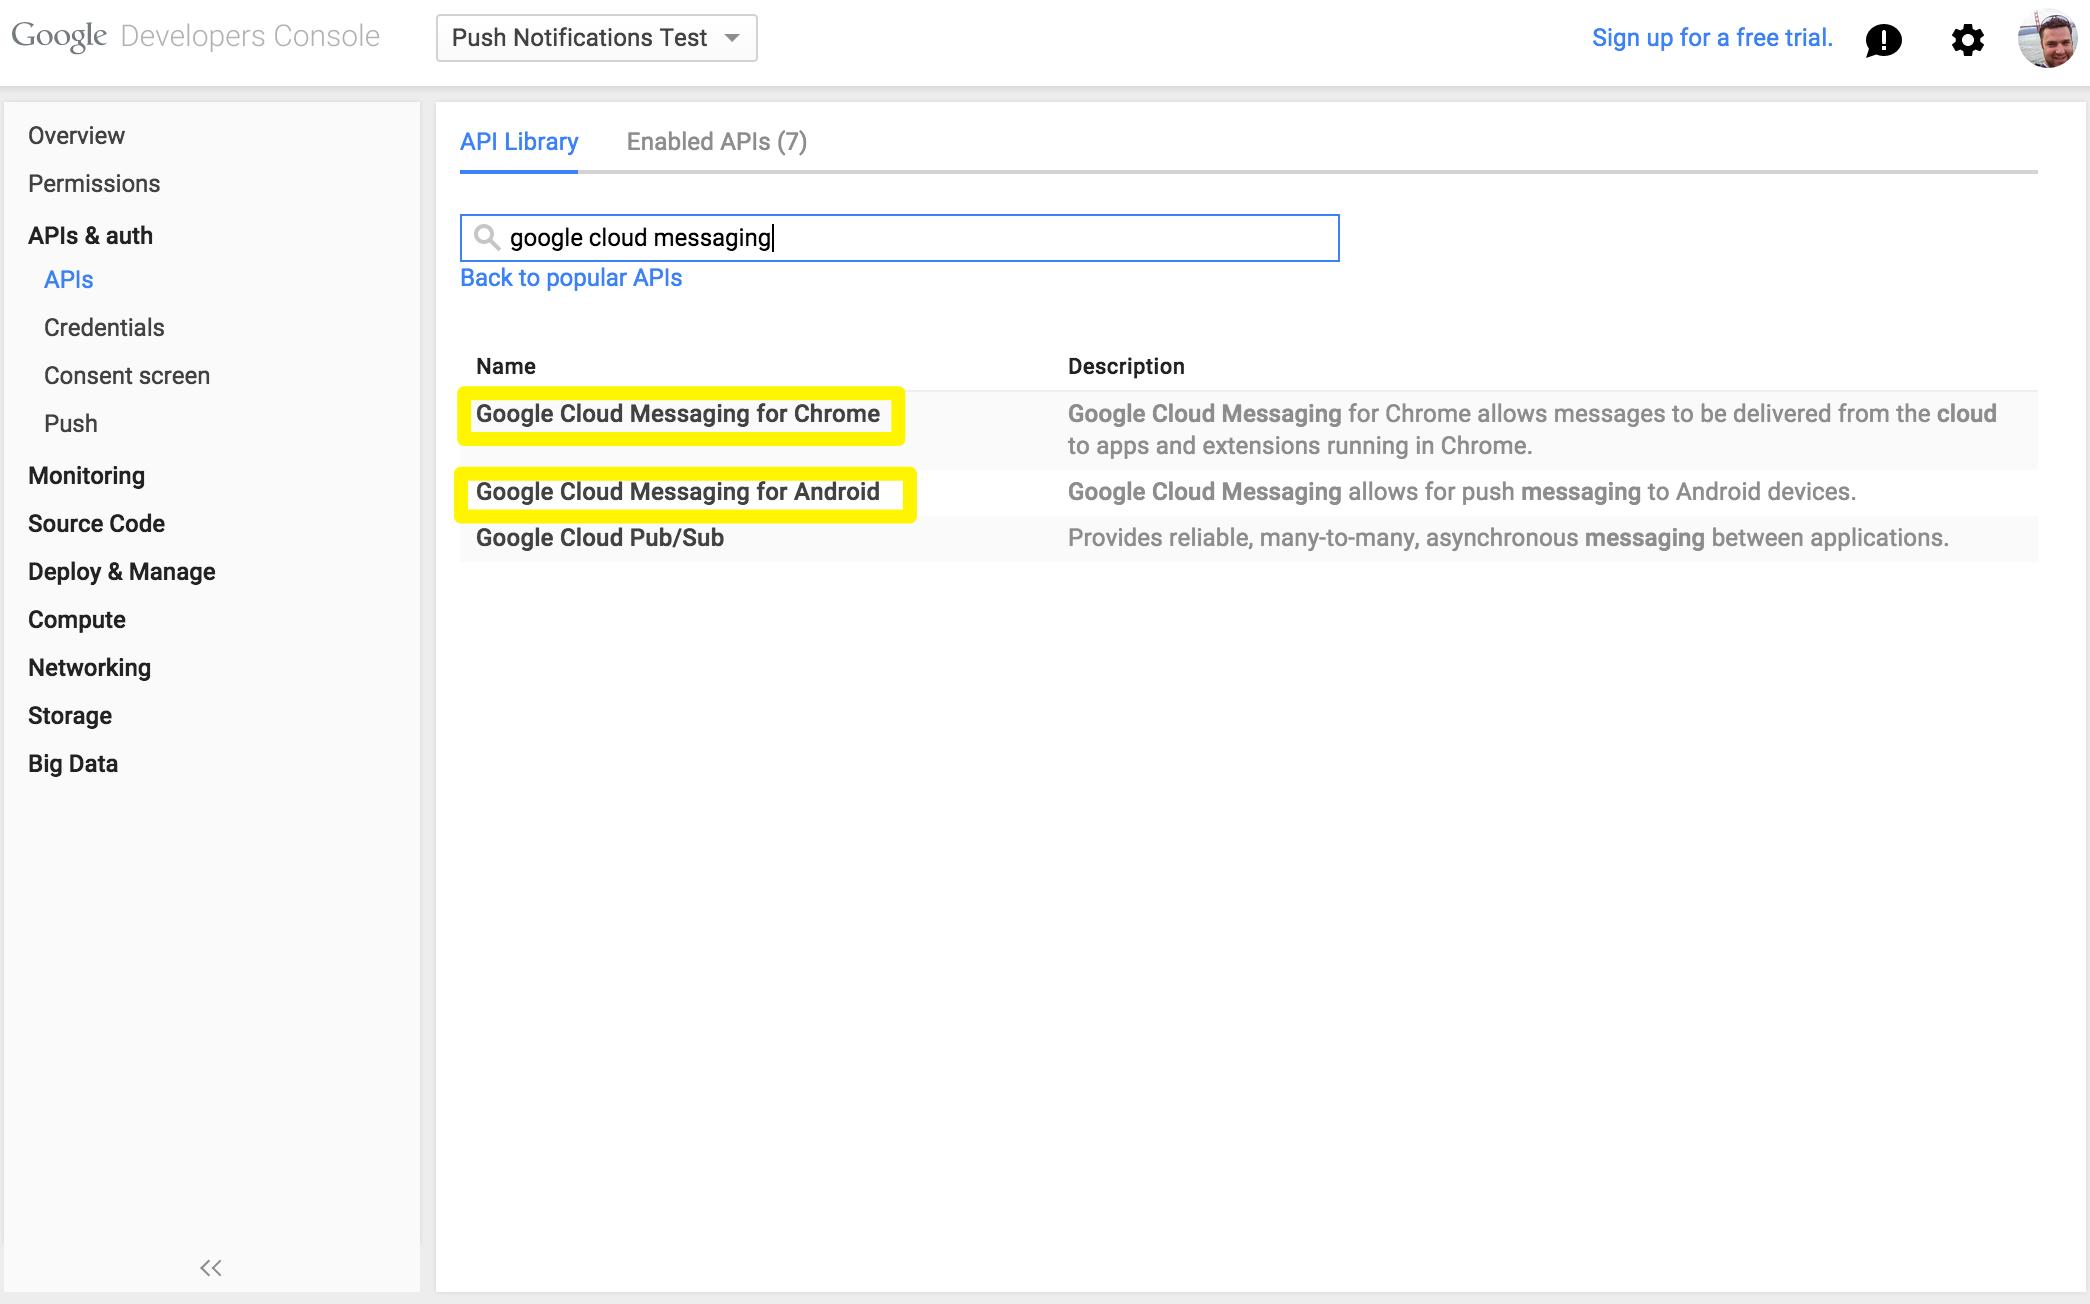 Enabled APIs screenshot